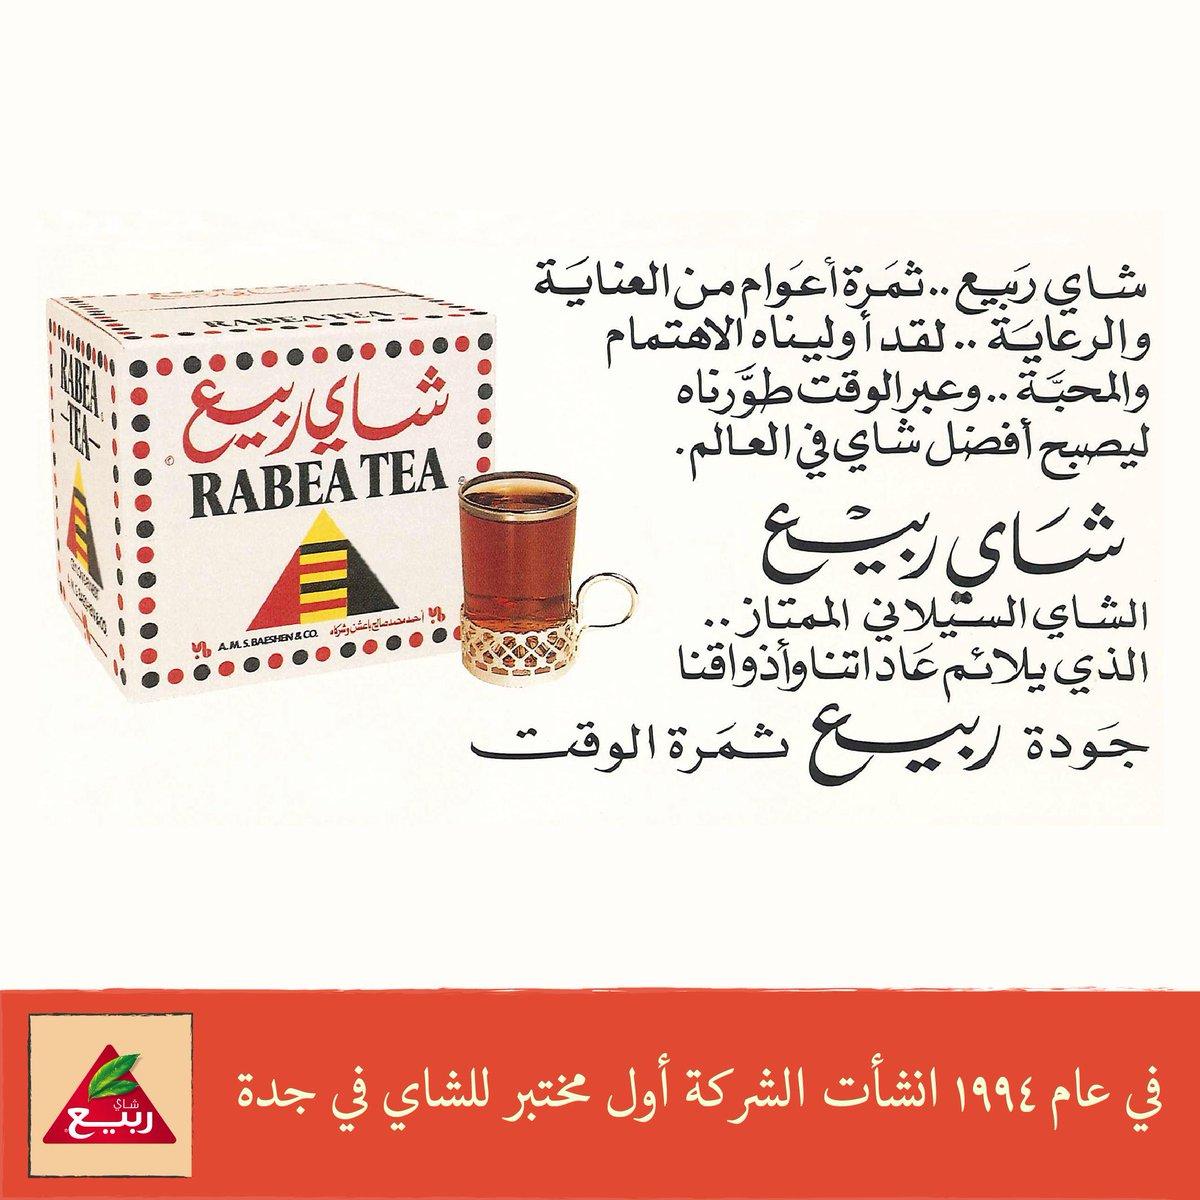 شاي ربيع On Twitter في عام 1994 قامت الشركة ببناء أكبر مصنع شاي في البلاد وأول مختبر الشاي في جدة شاي ربيع تاريخ Http T Co Bibprnoxwb